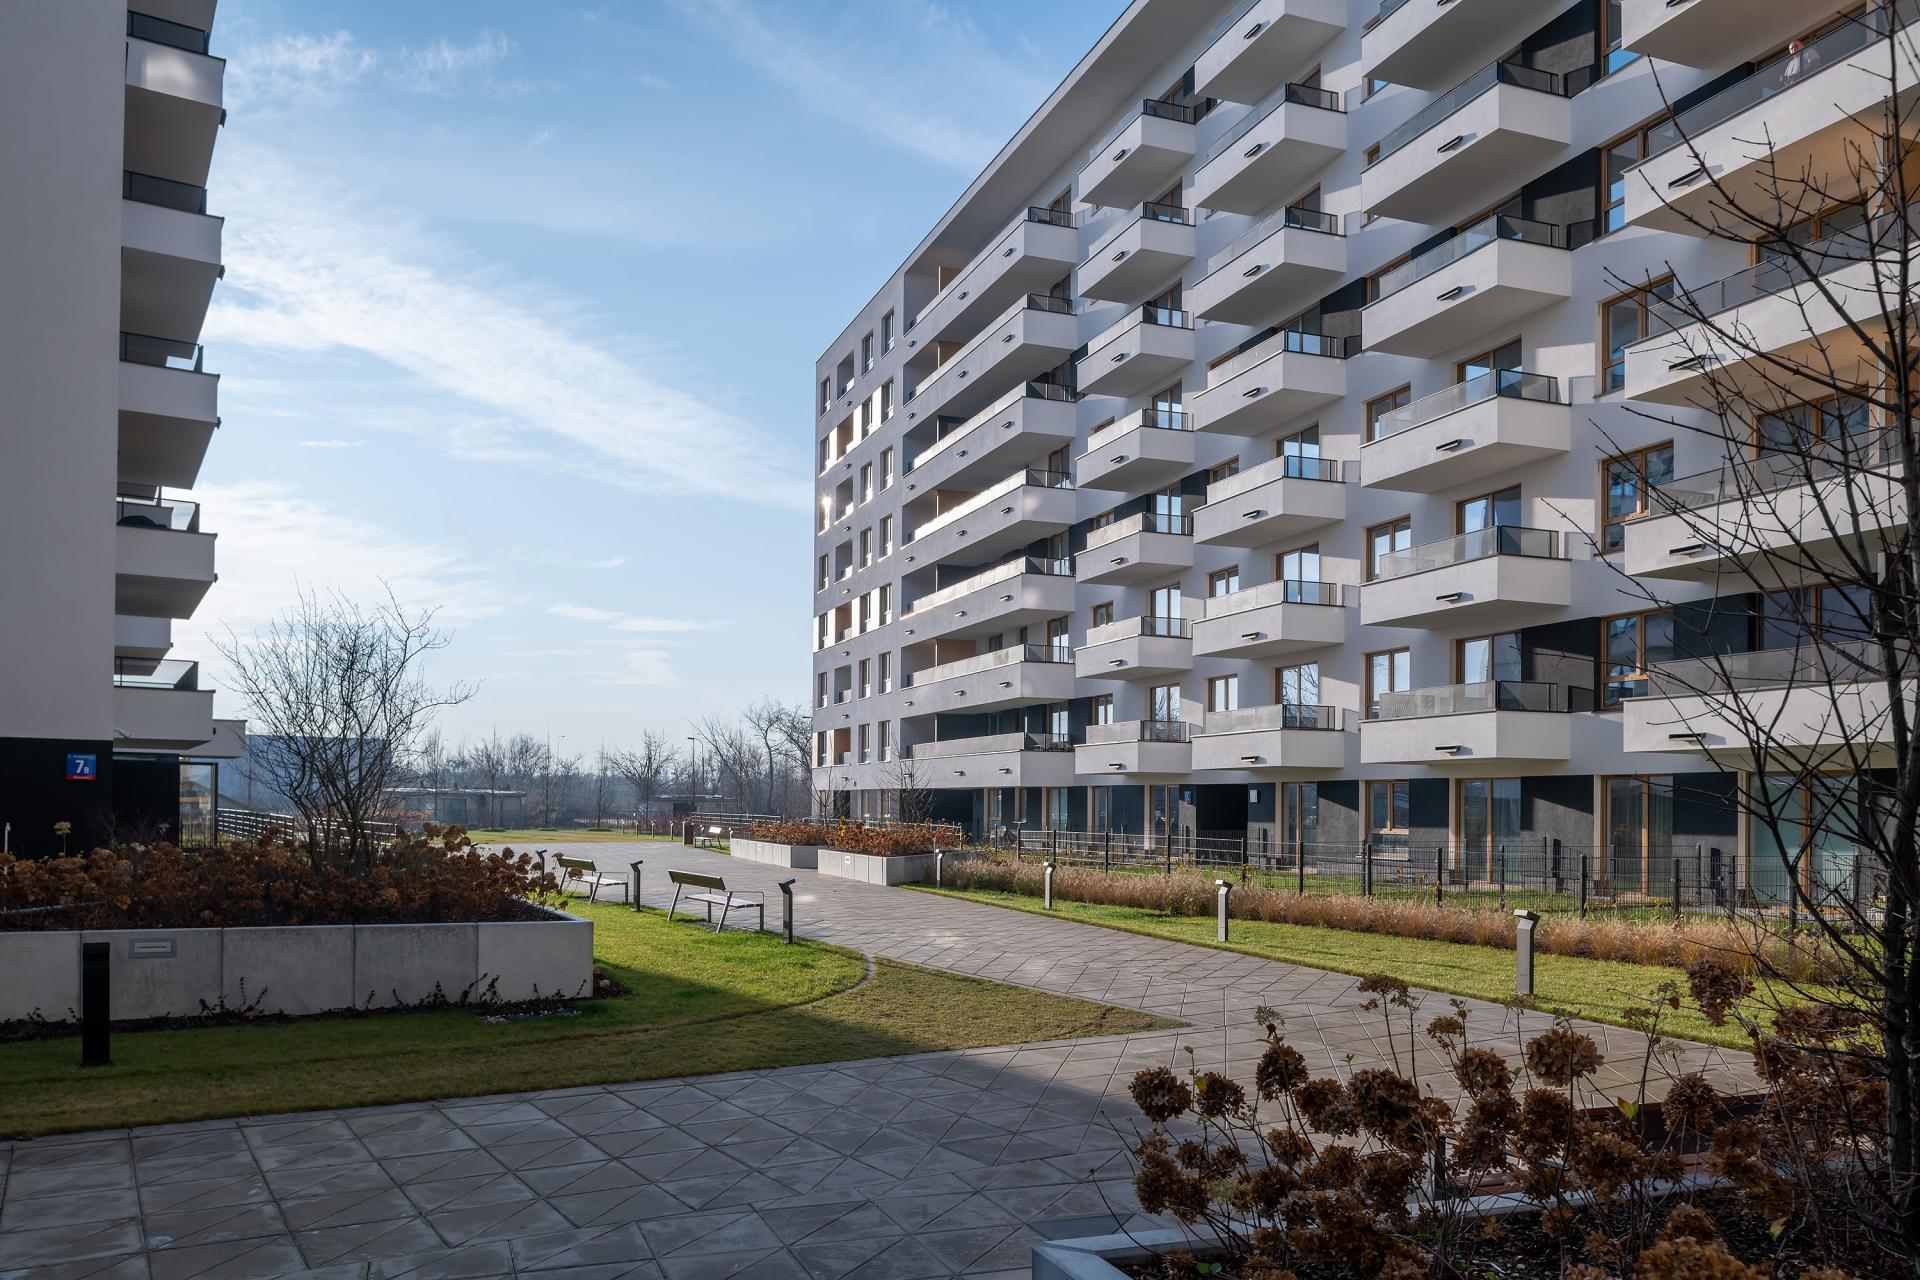 Exterior of Cybernetyki Apartments, Sluzewiec, Warsaw